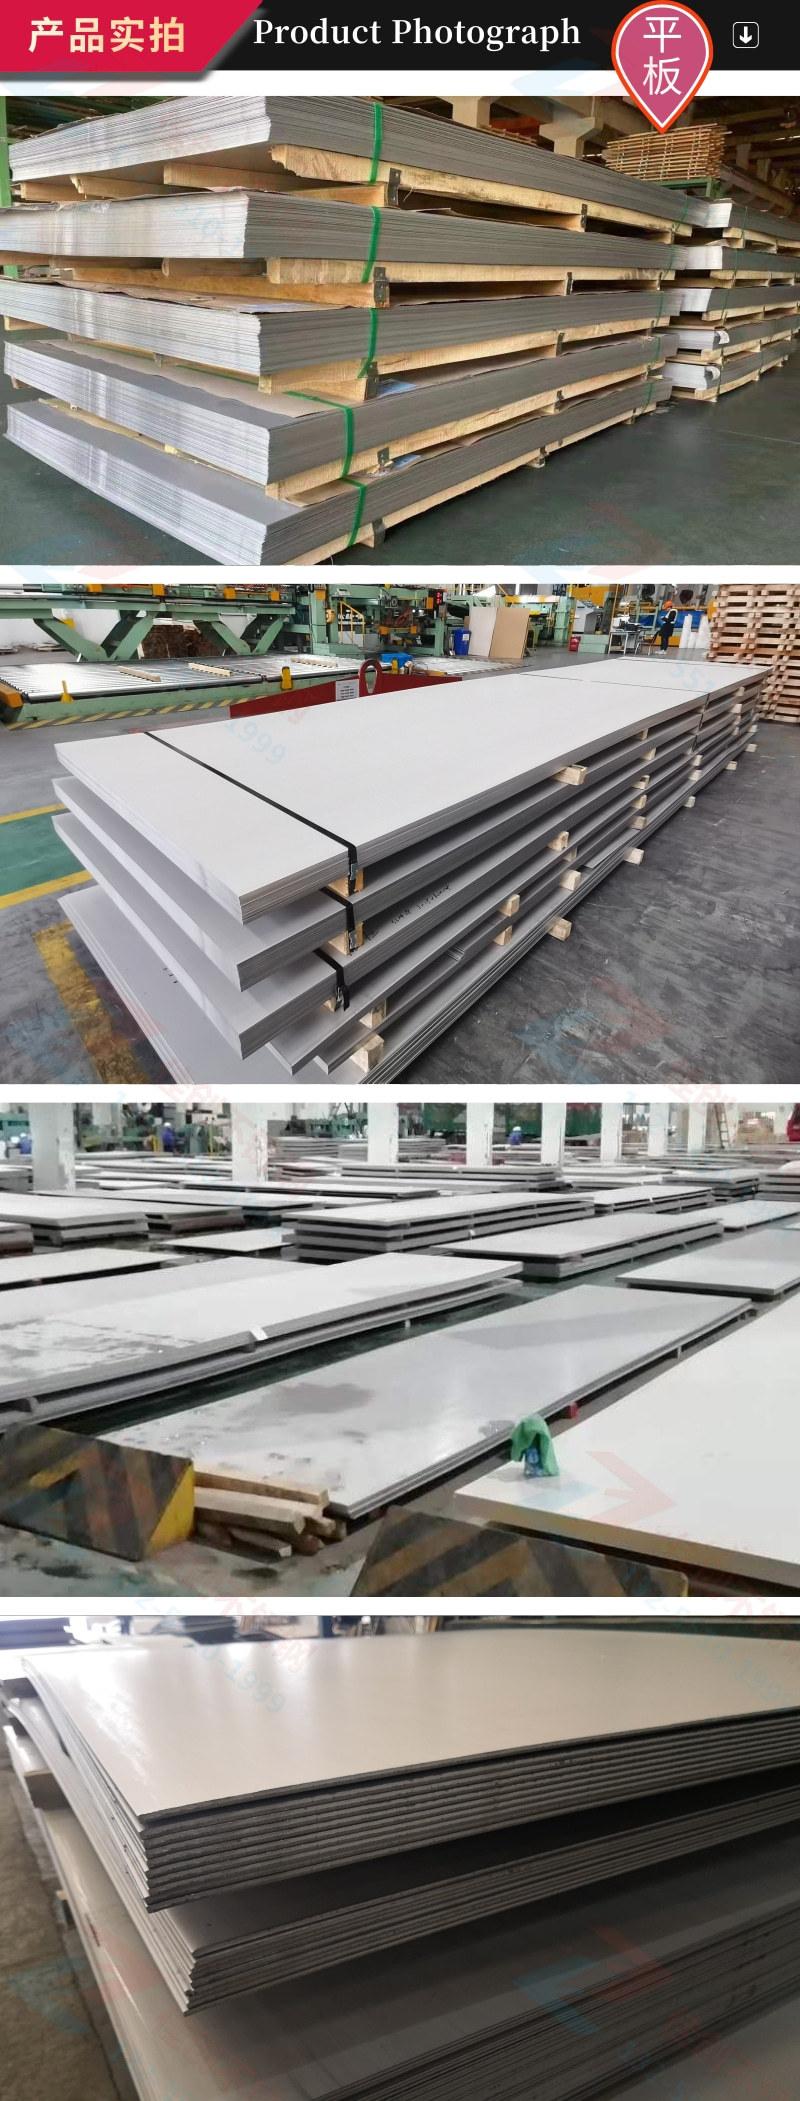 4月20日太鋼304不銹鋼價格跌200元  不銹鋼板304格表示例圖15